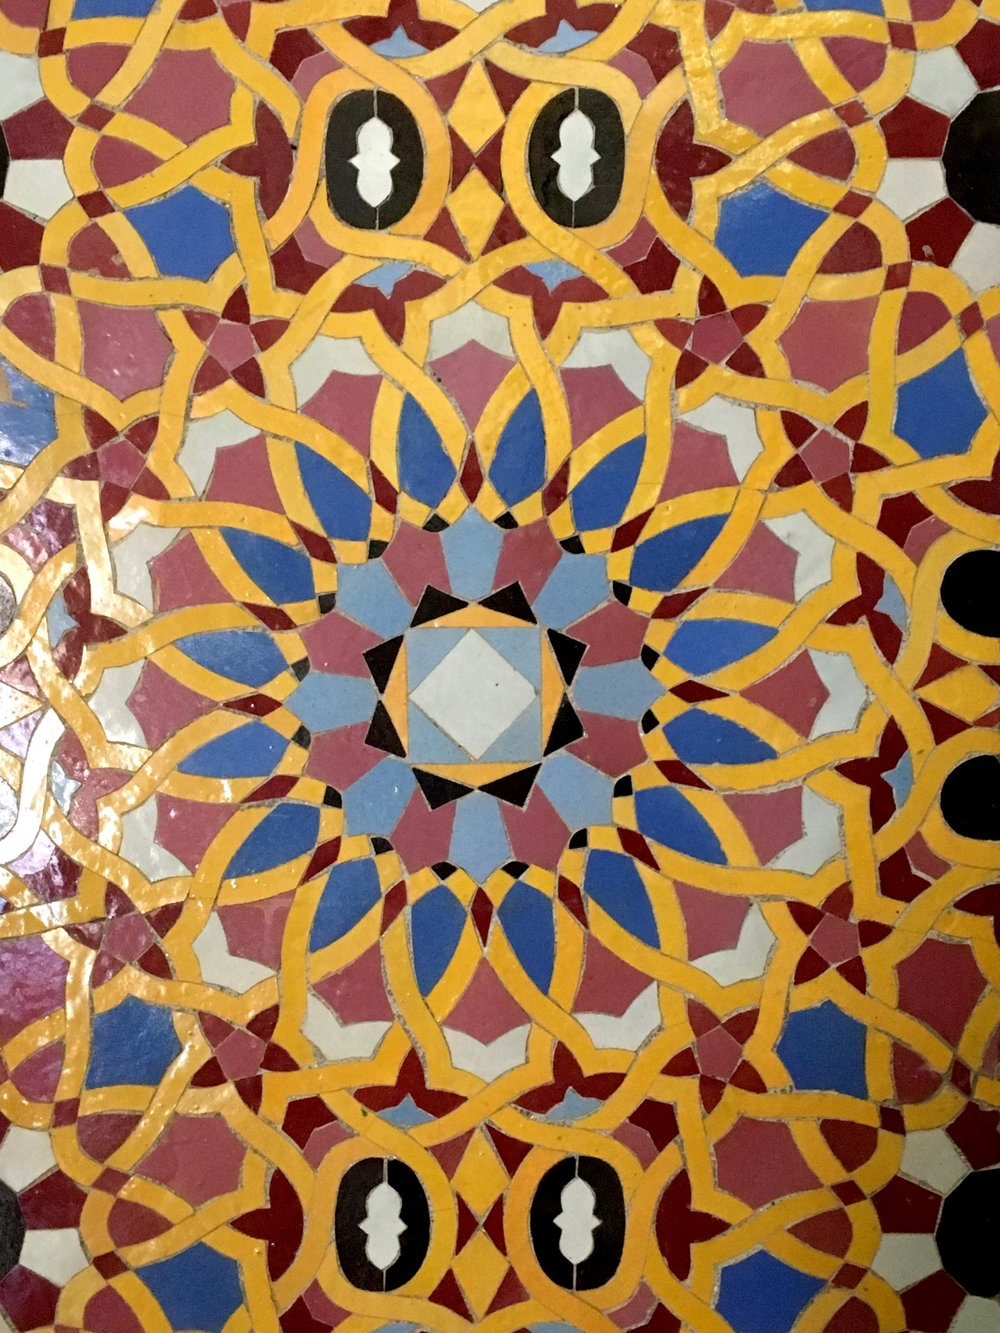 MoroccoTiles6.jpg